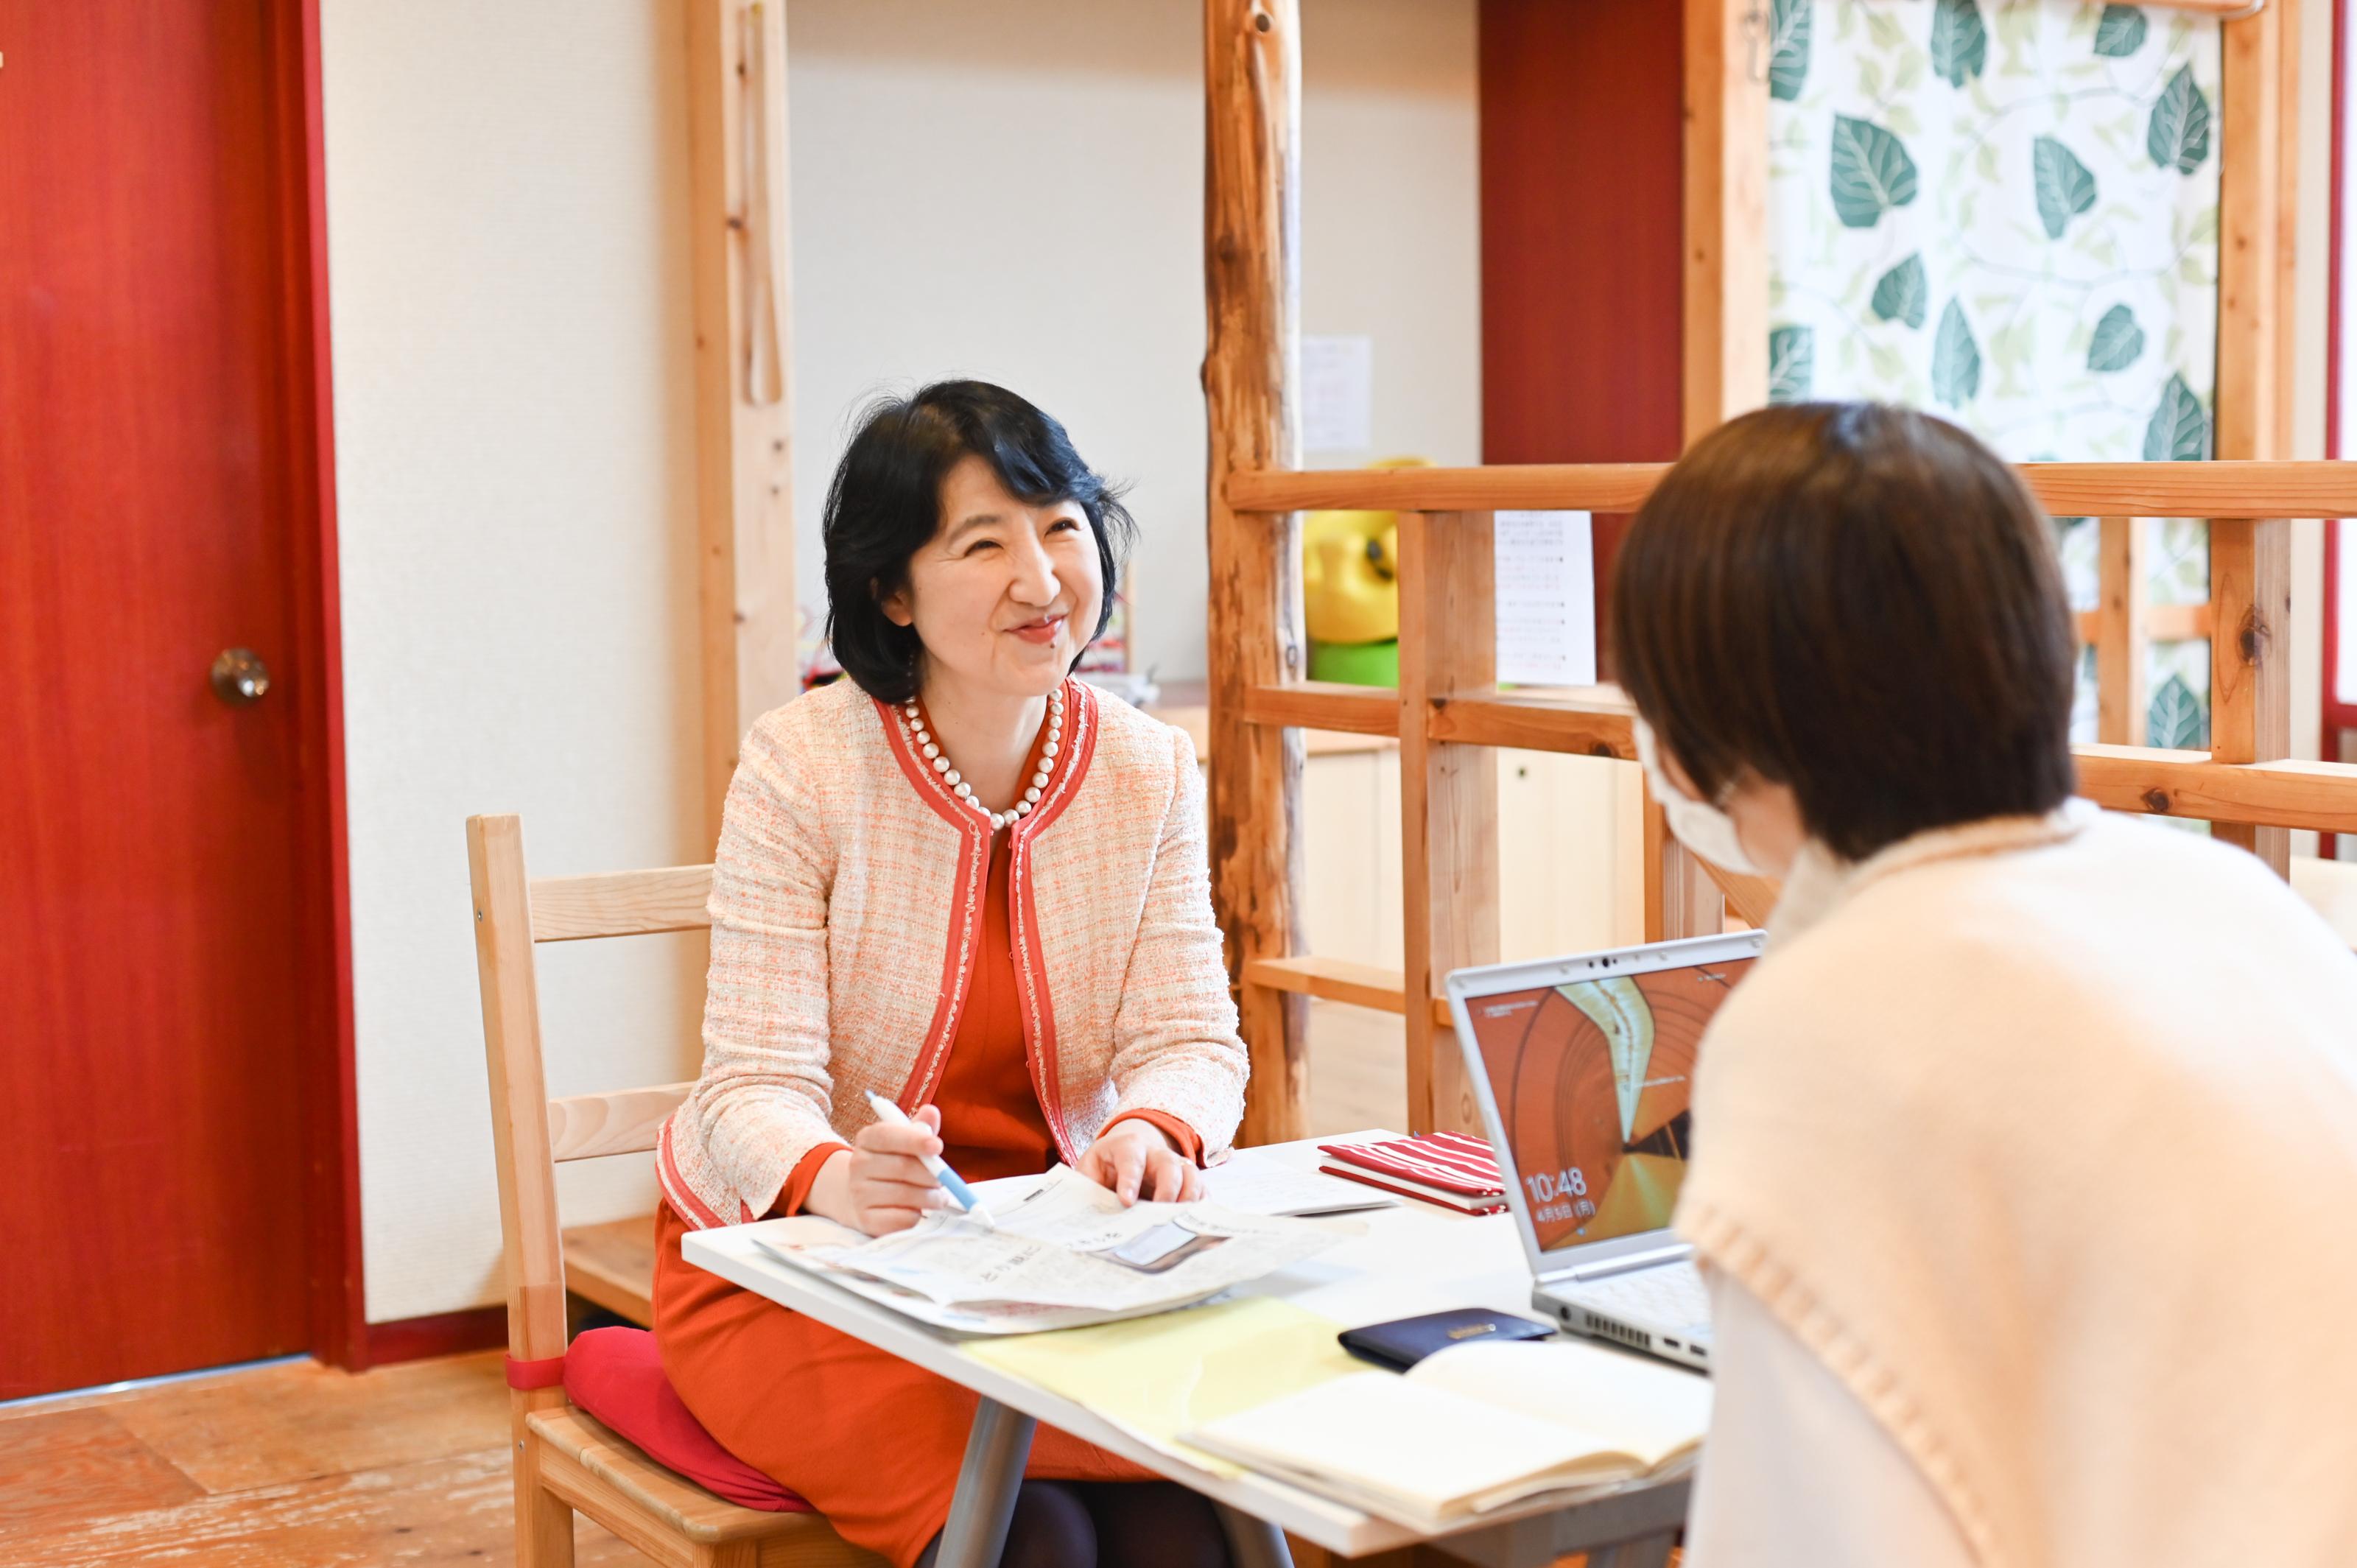 8月20日 かなえ社長のオンライン創業相談カフェ